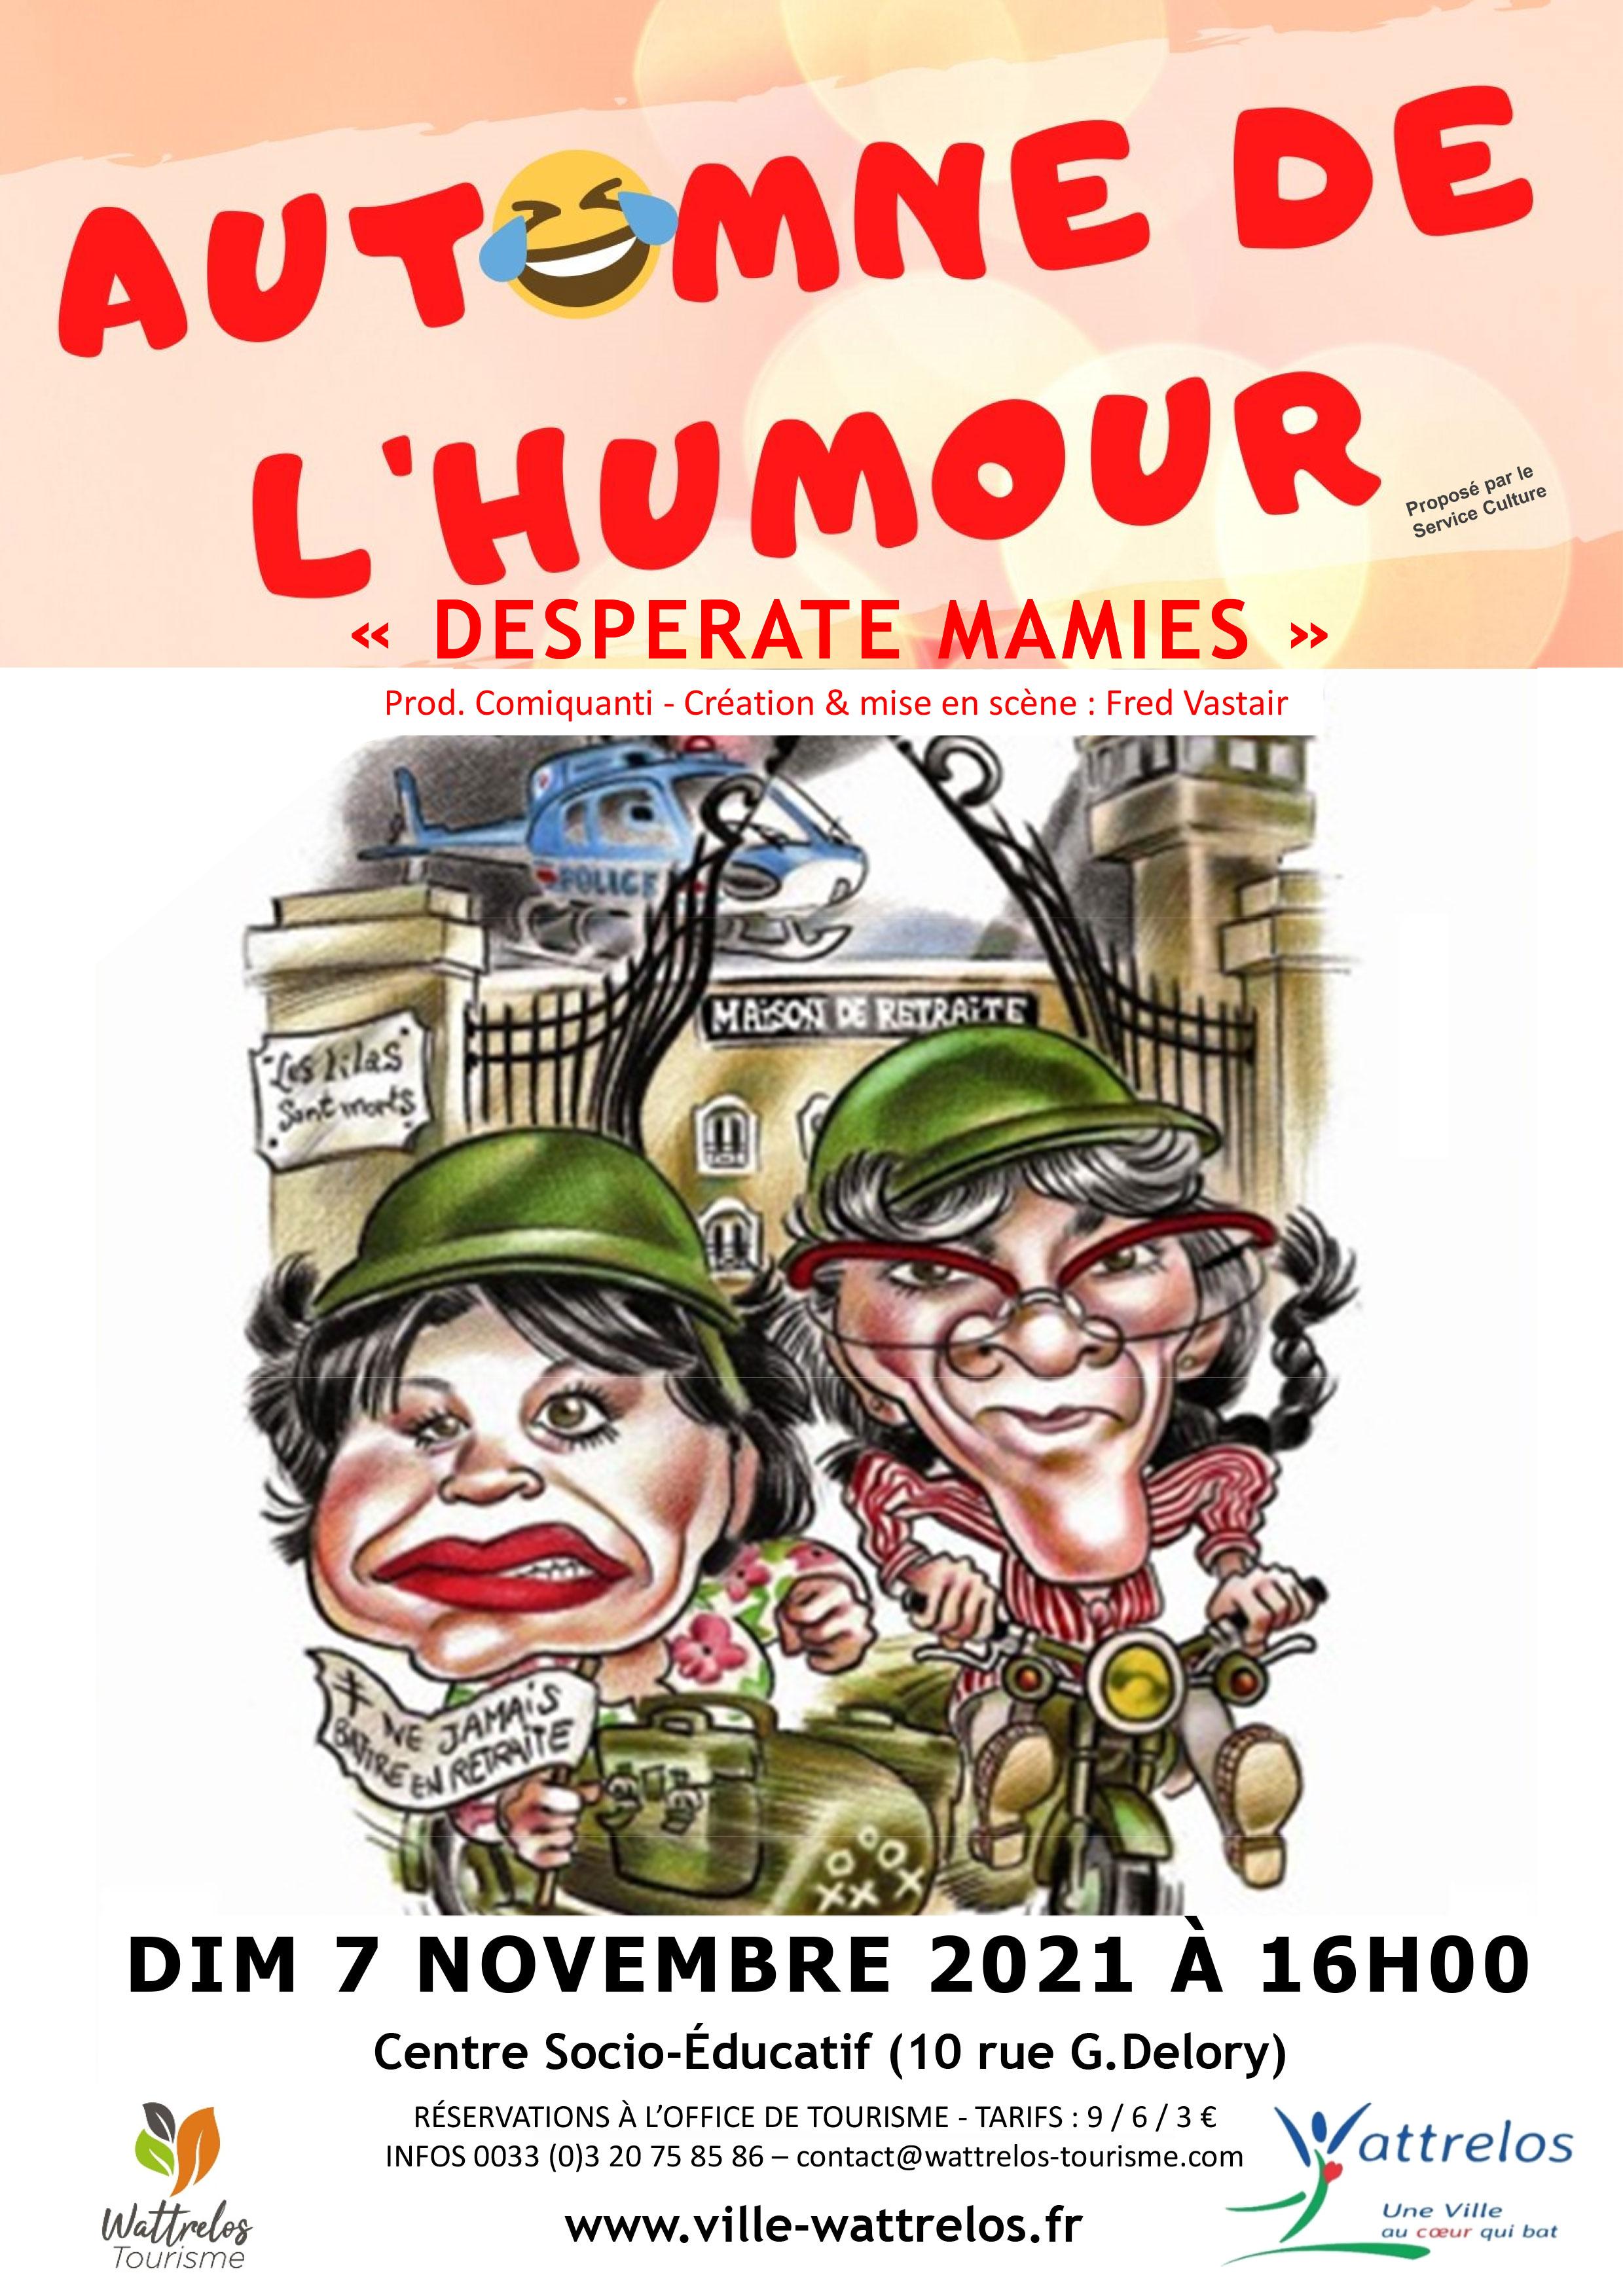 Desperate Mamies – Automne de l'humour